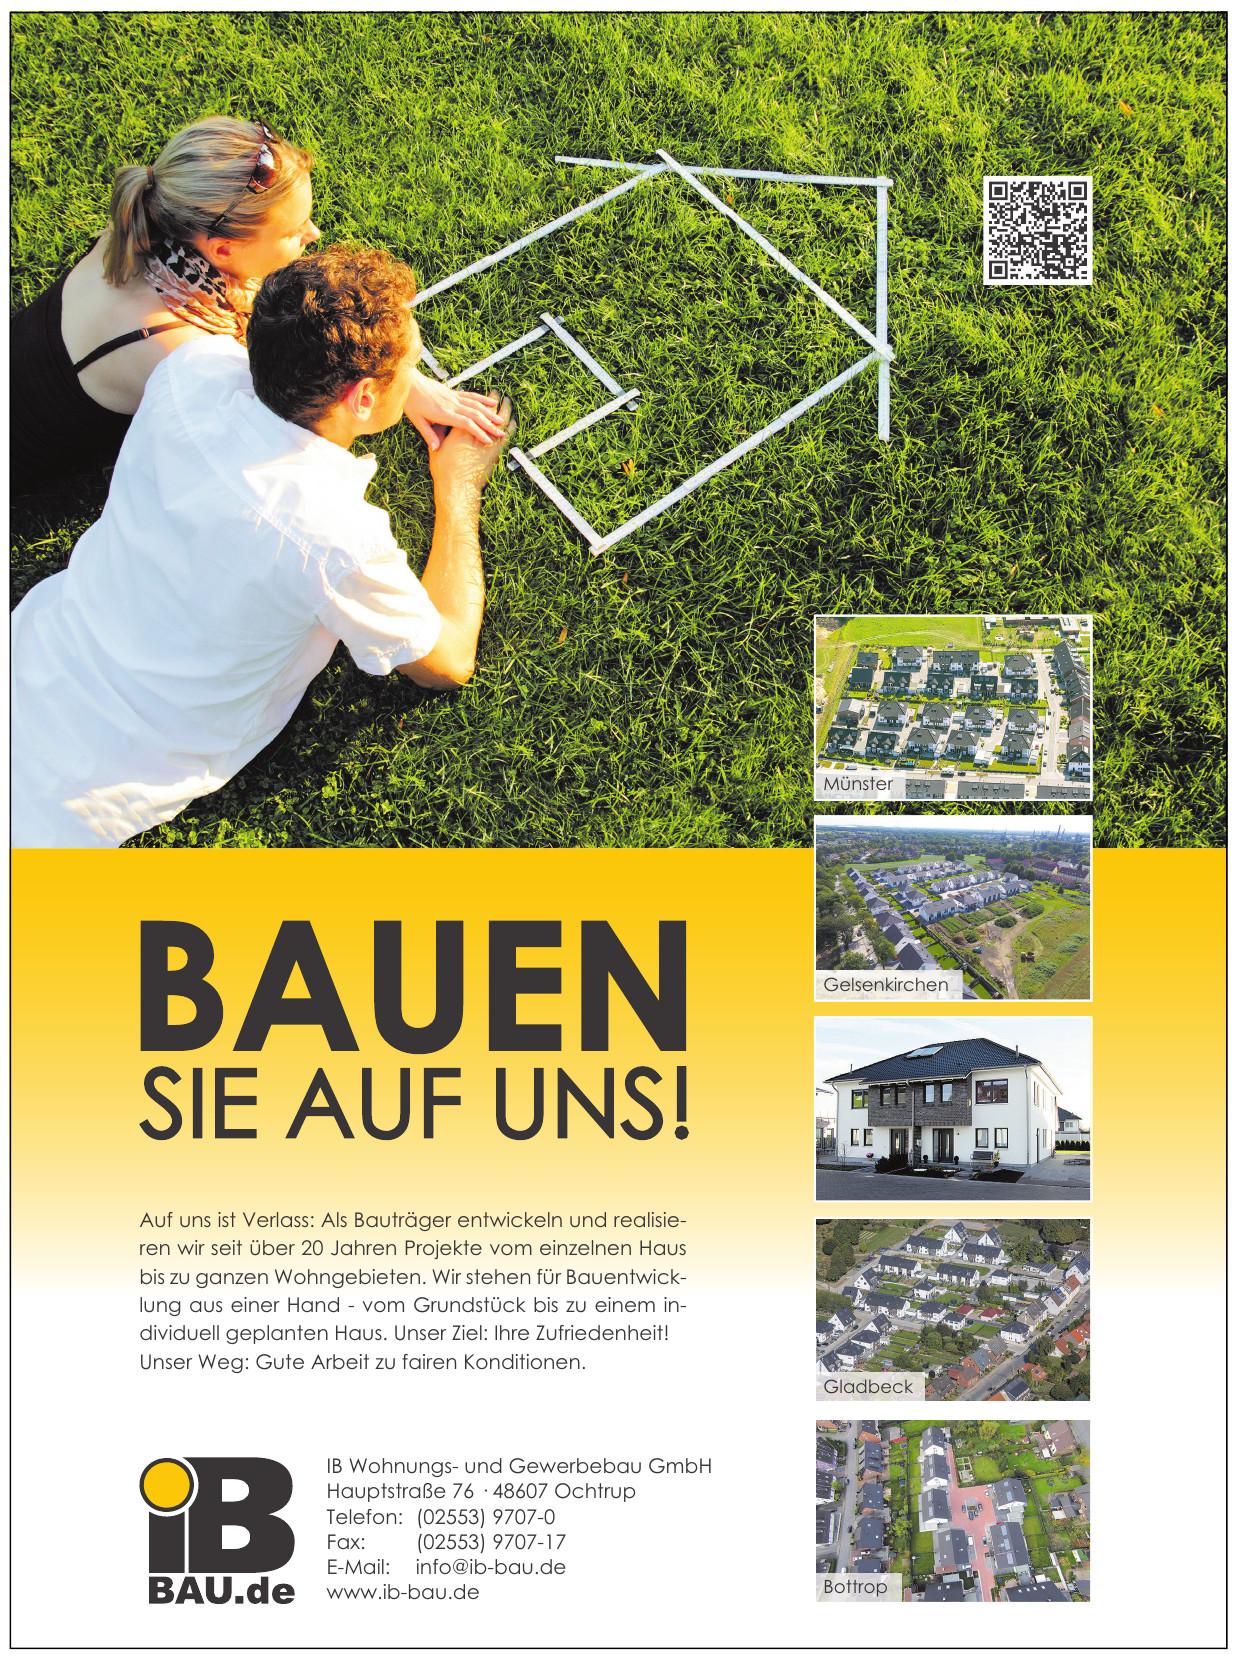 IB Wohnungs- und Gewerbebau GmbH